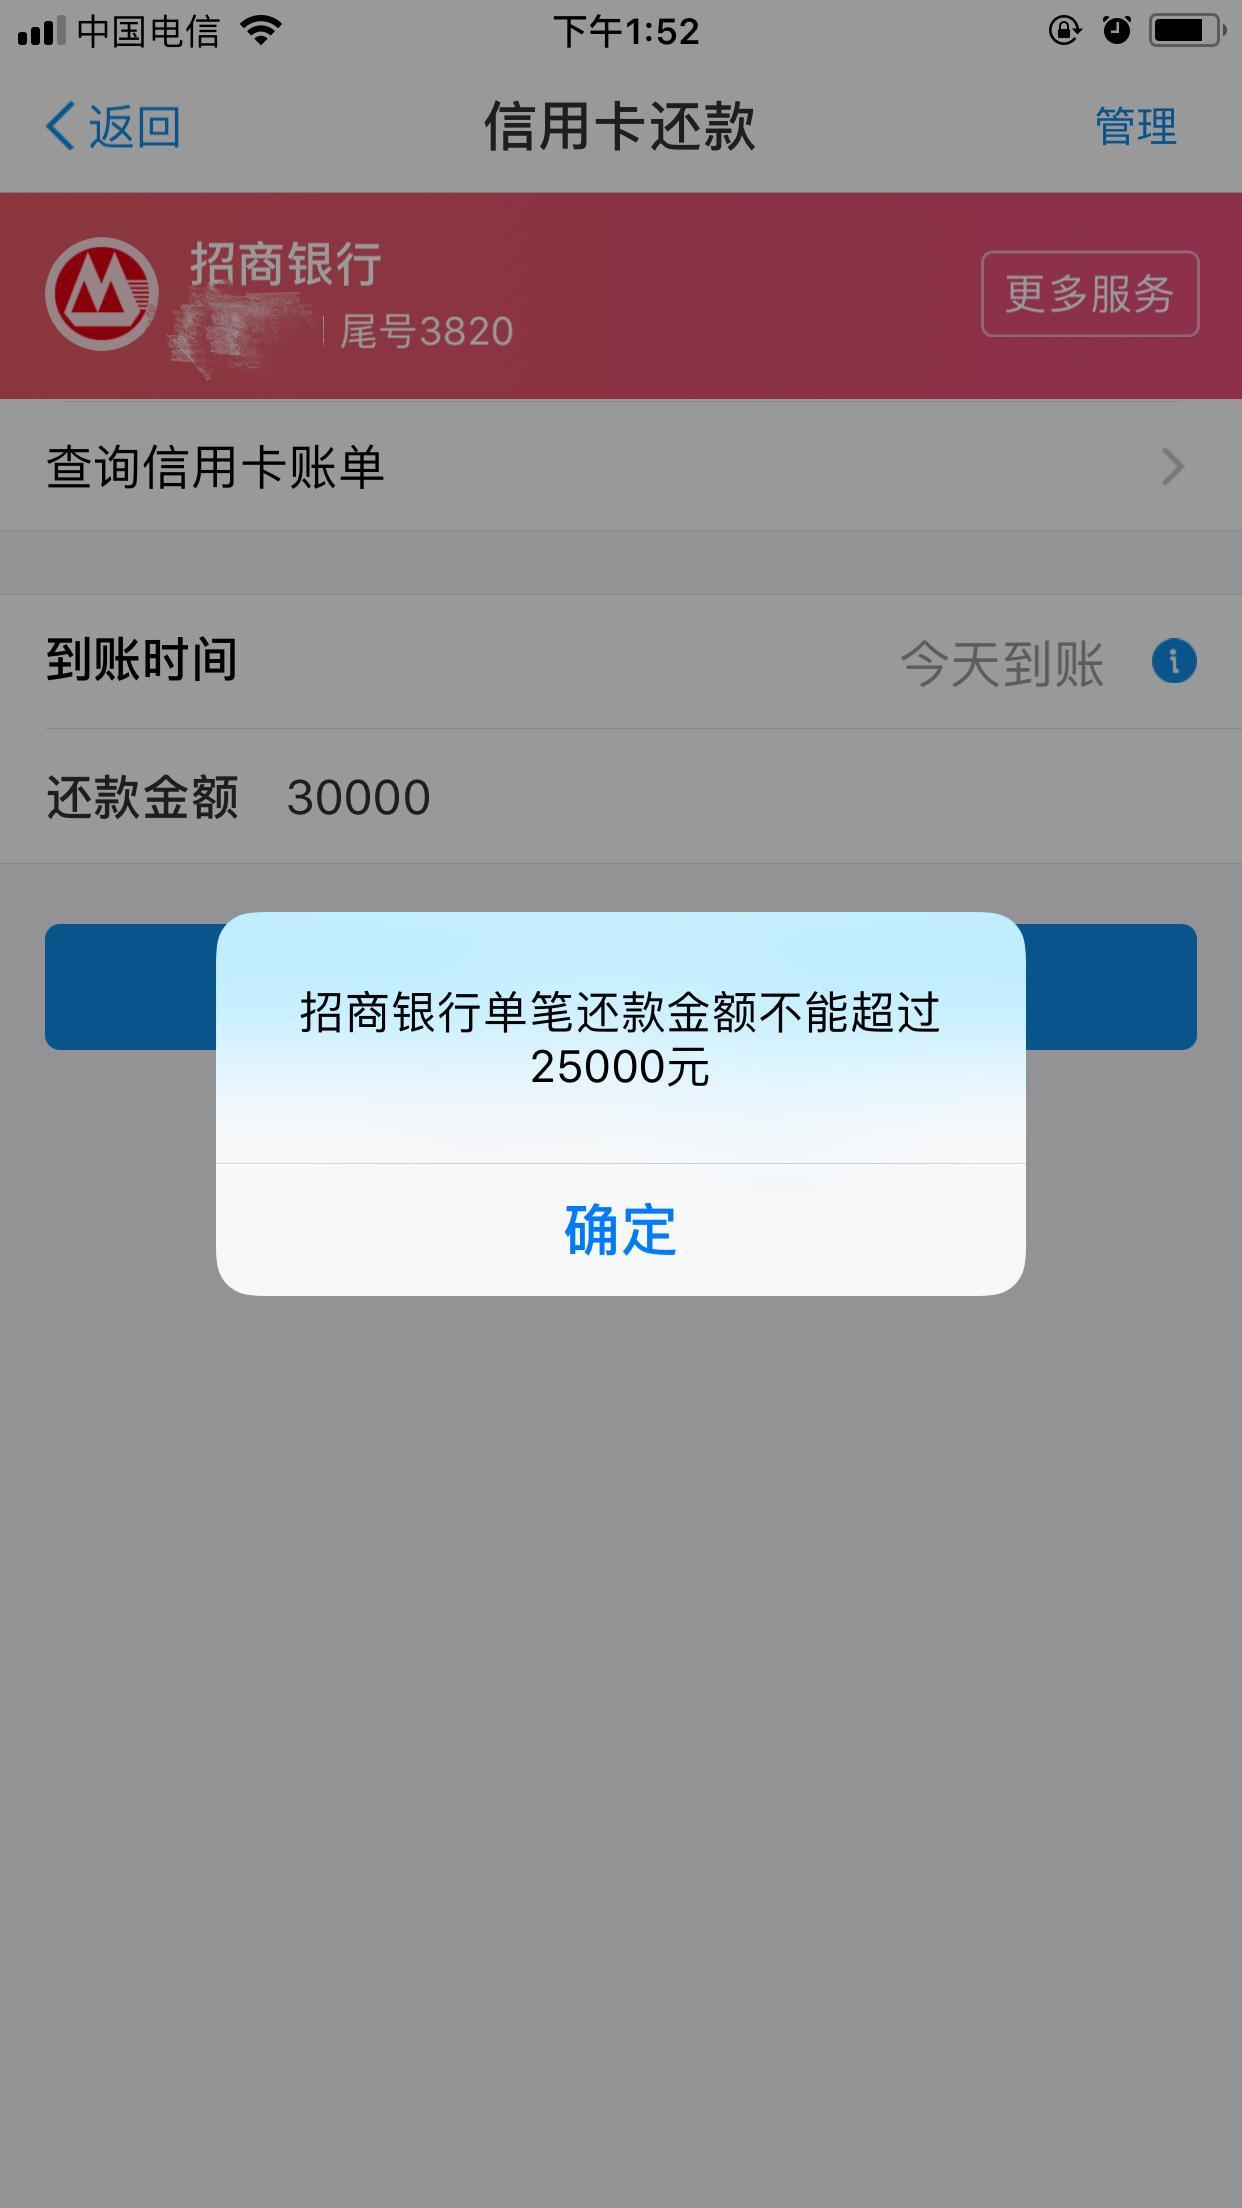 京东支付:可跨行、跨地区信用卡还款,不要手续费!